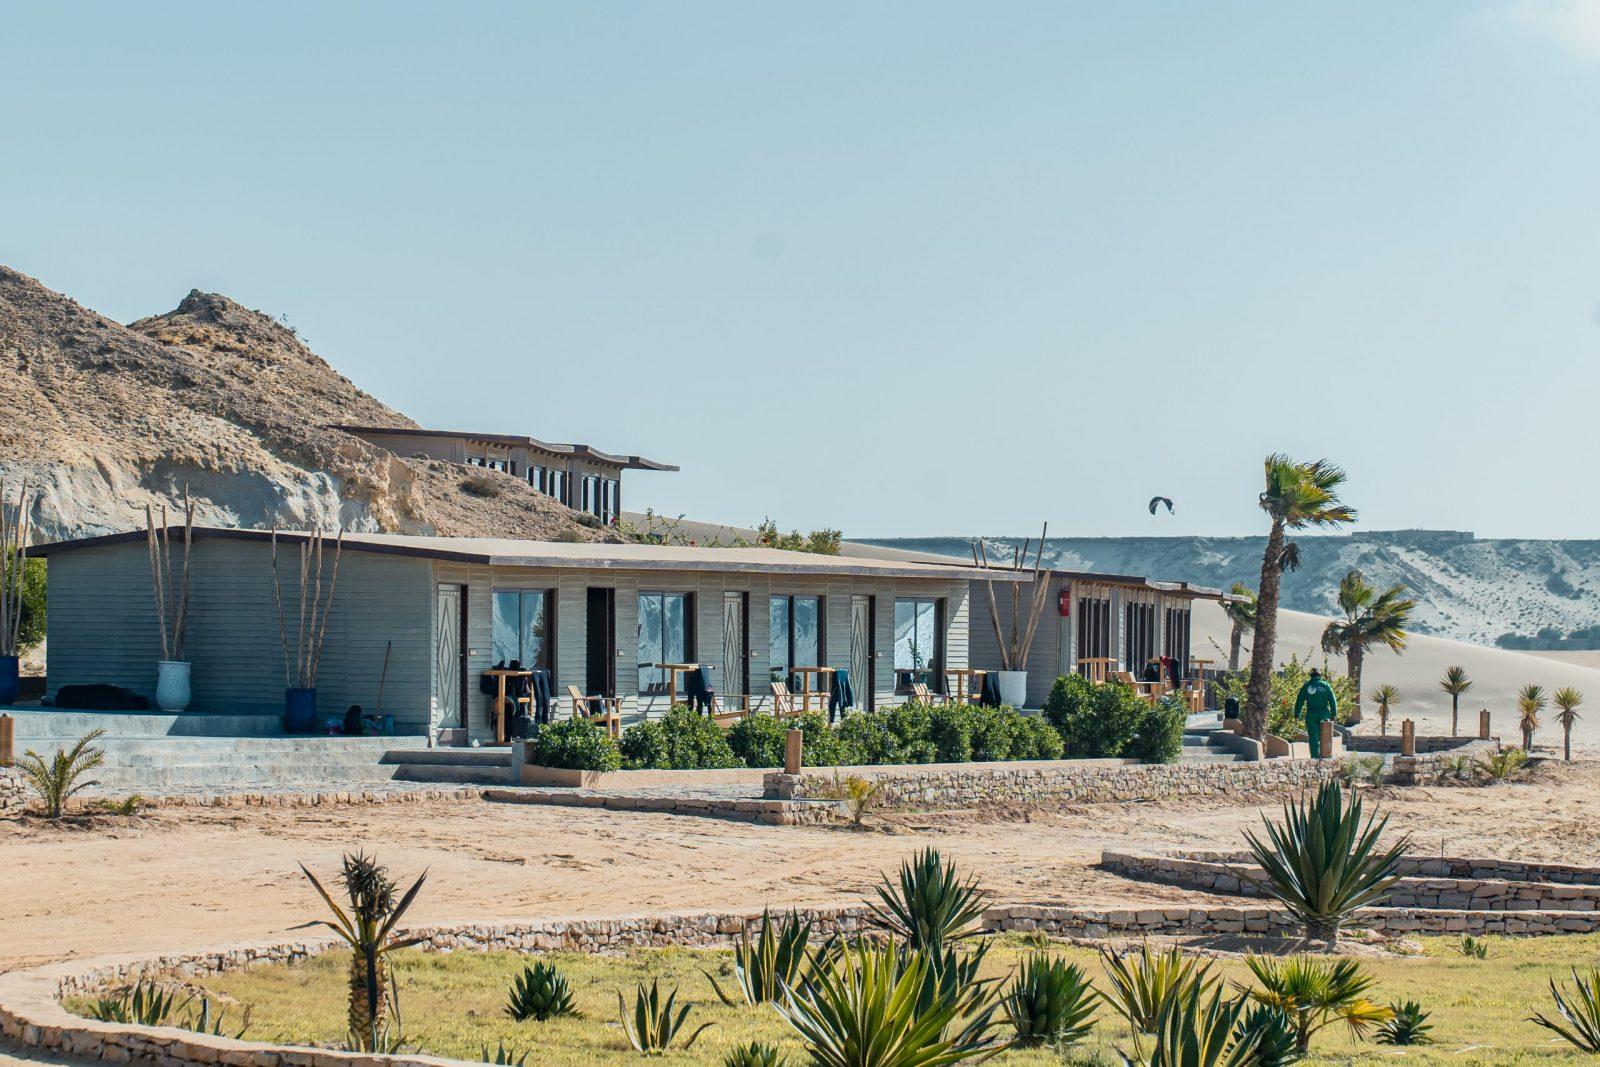 Vue générale des bungalows